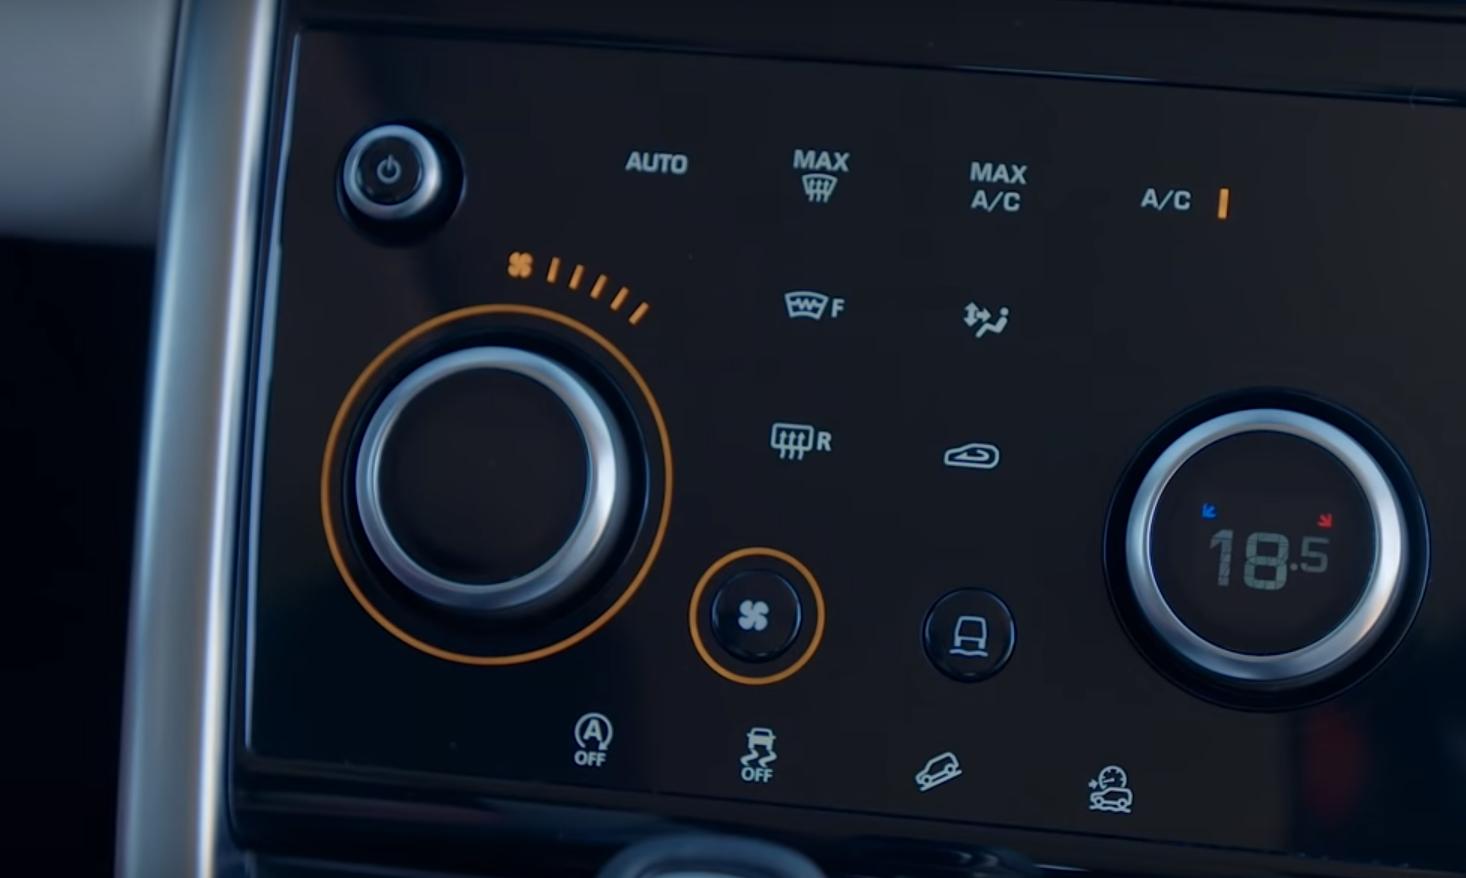 ديسكفري سبورت 2020 أحد أهم سيارات لاندروفر مبيعاً تخضع لاختبارنا